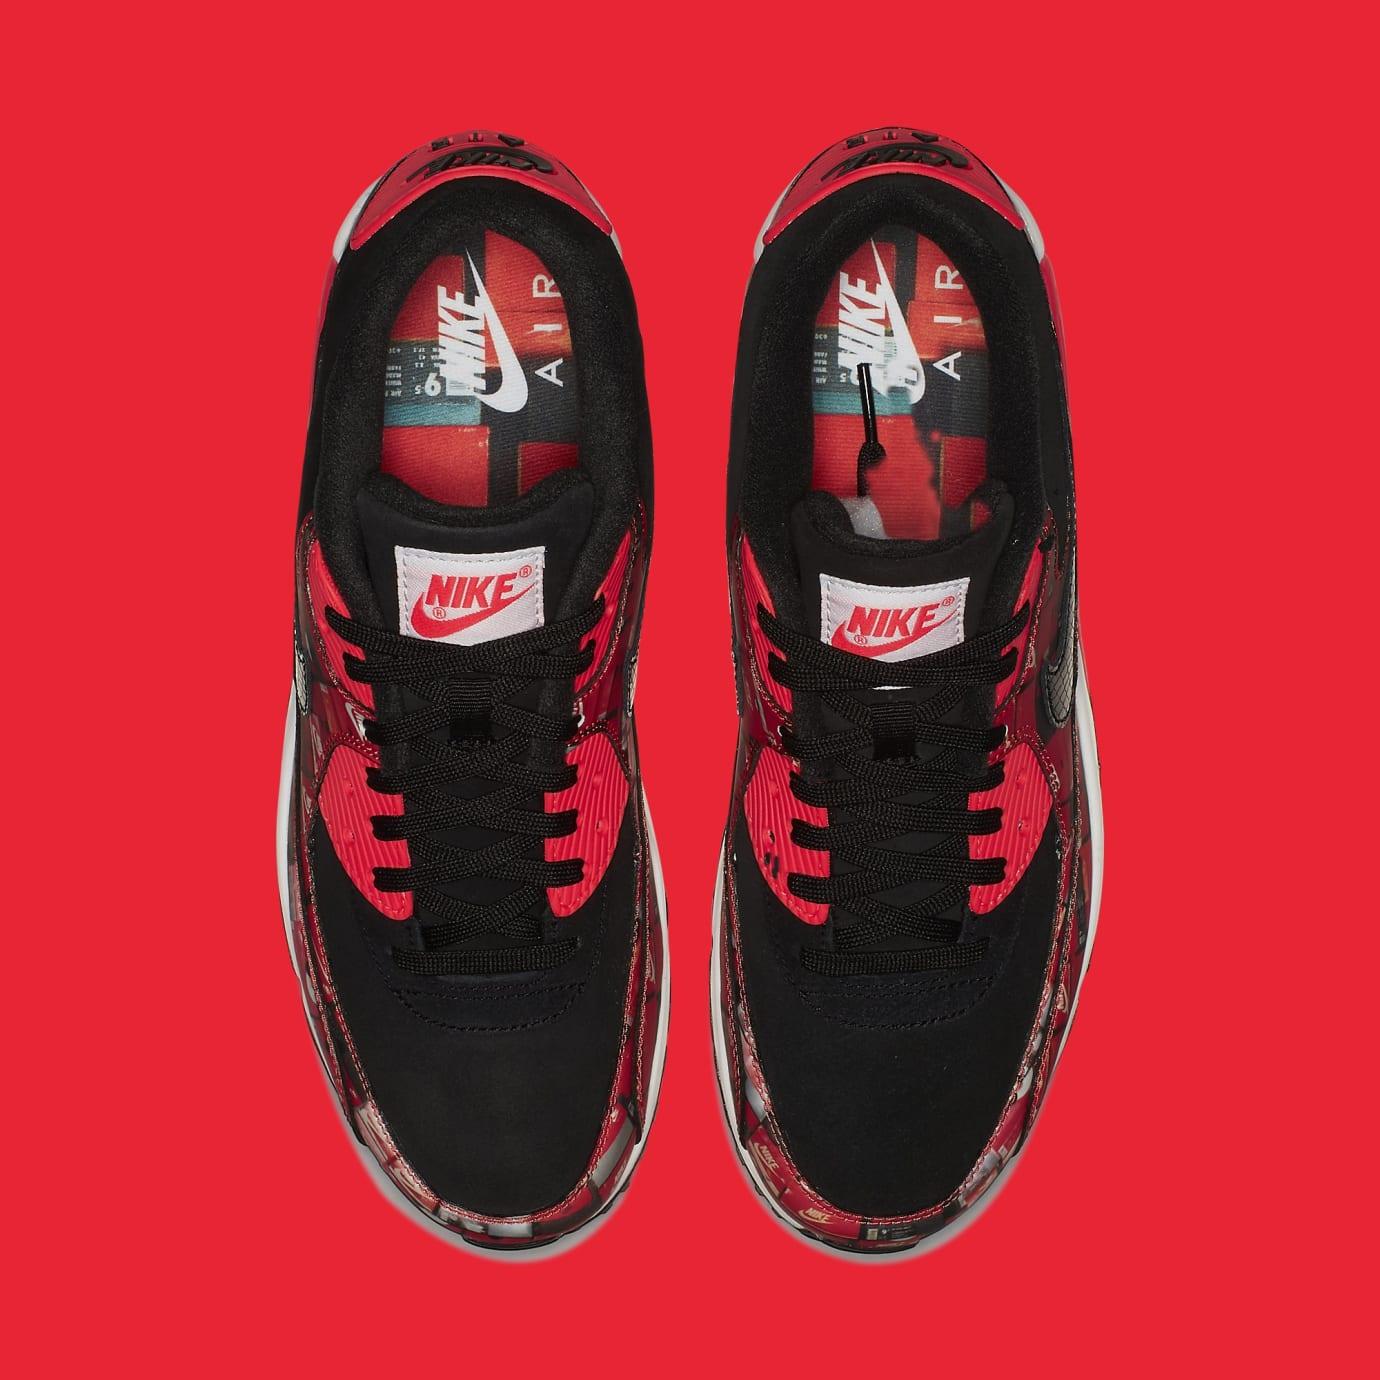 Atmos x Nike Air Max 90 'Infrared/We Love Nike' AQ0926-001 (Top)